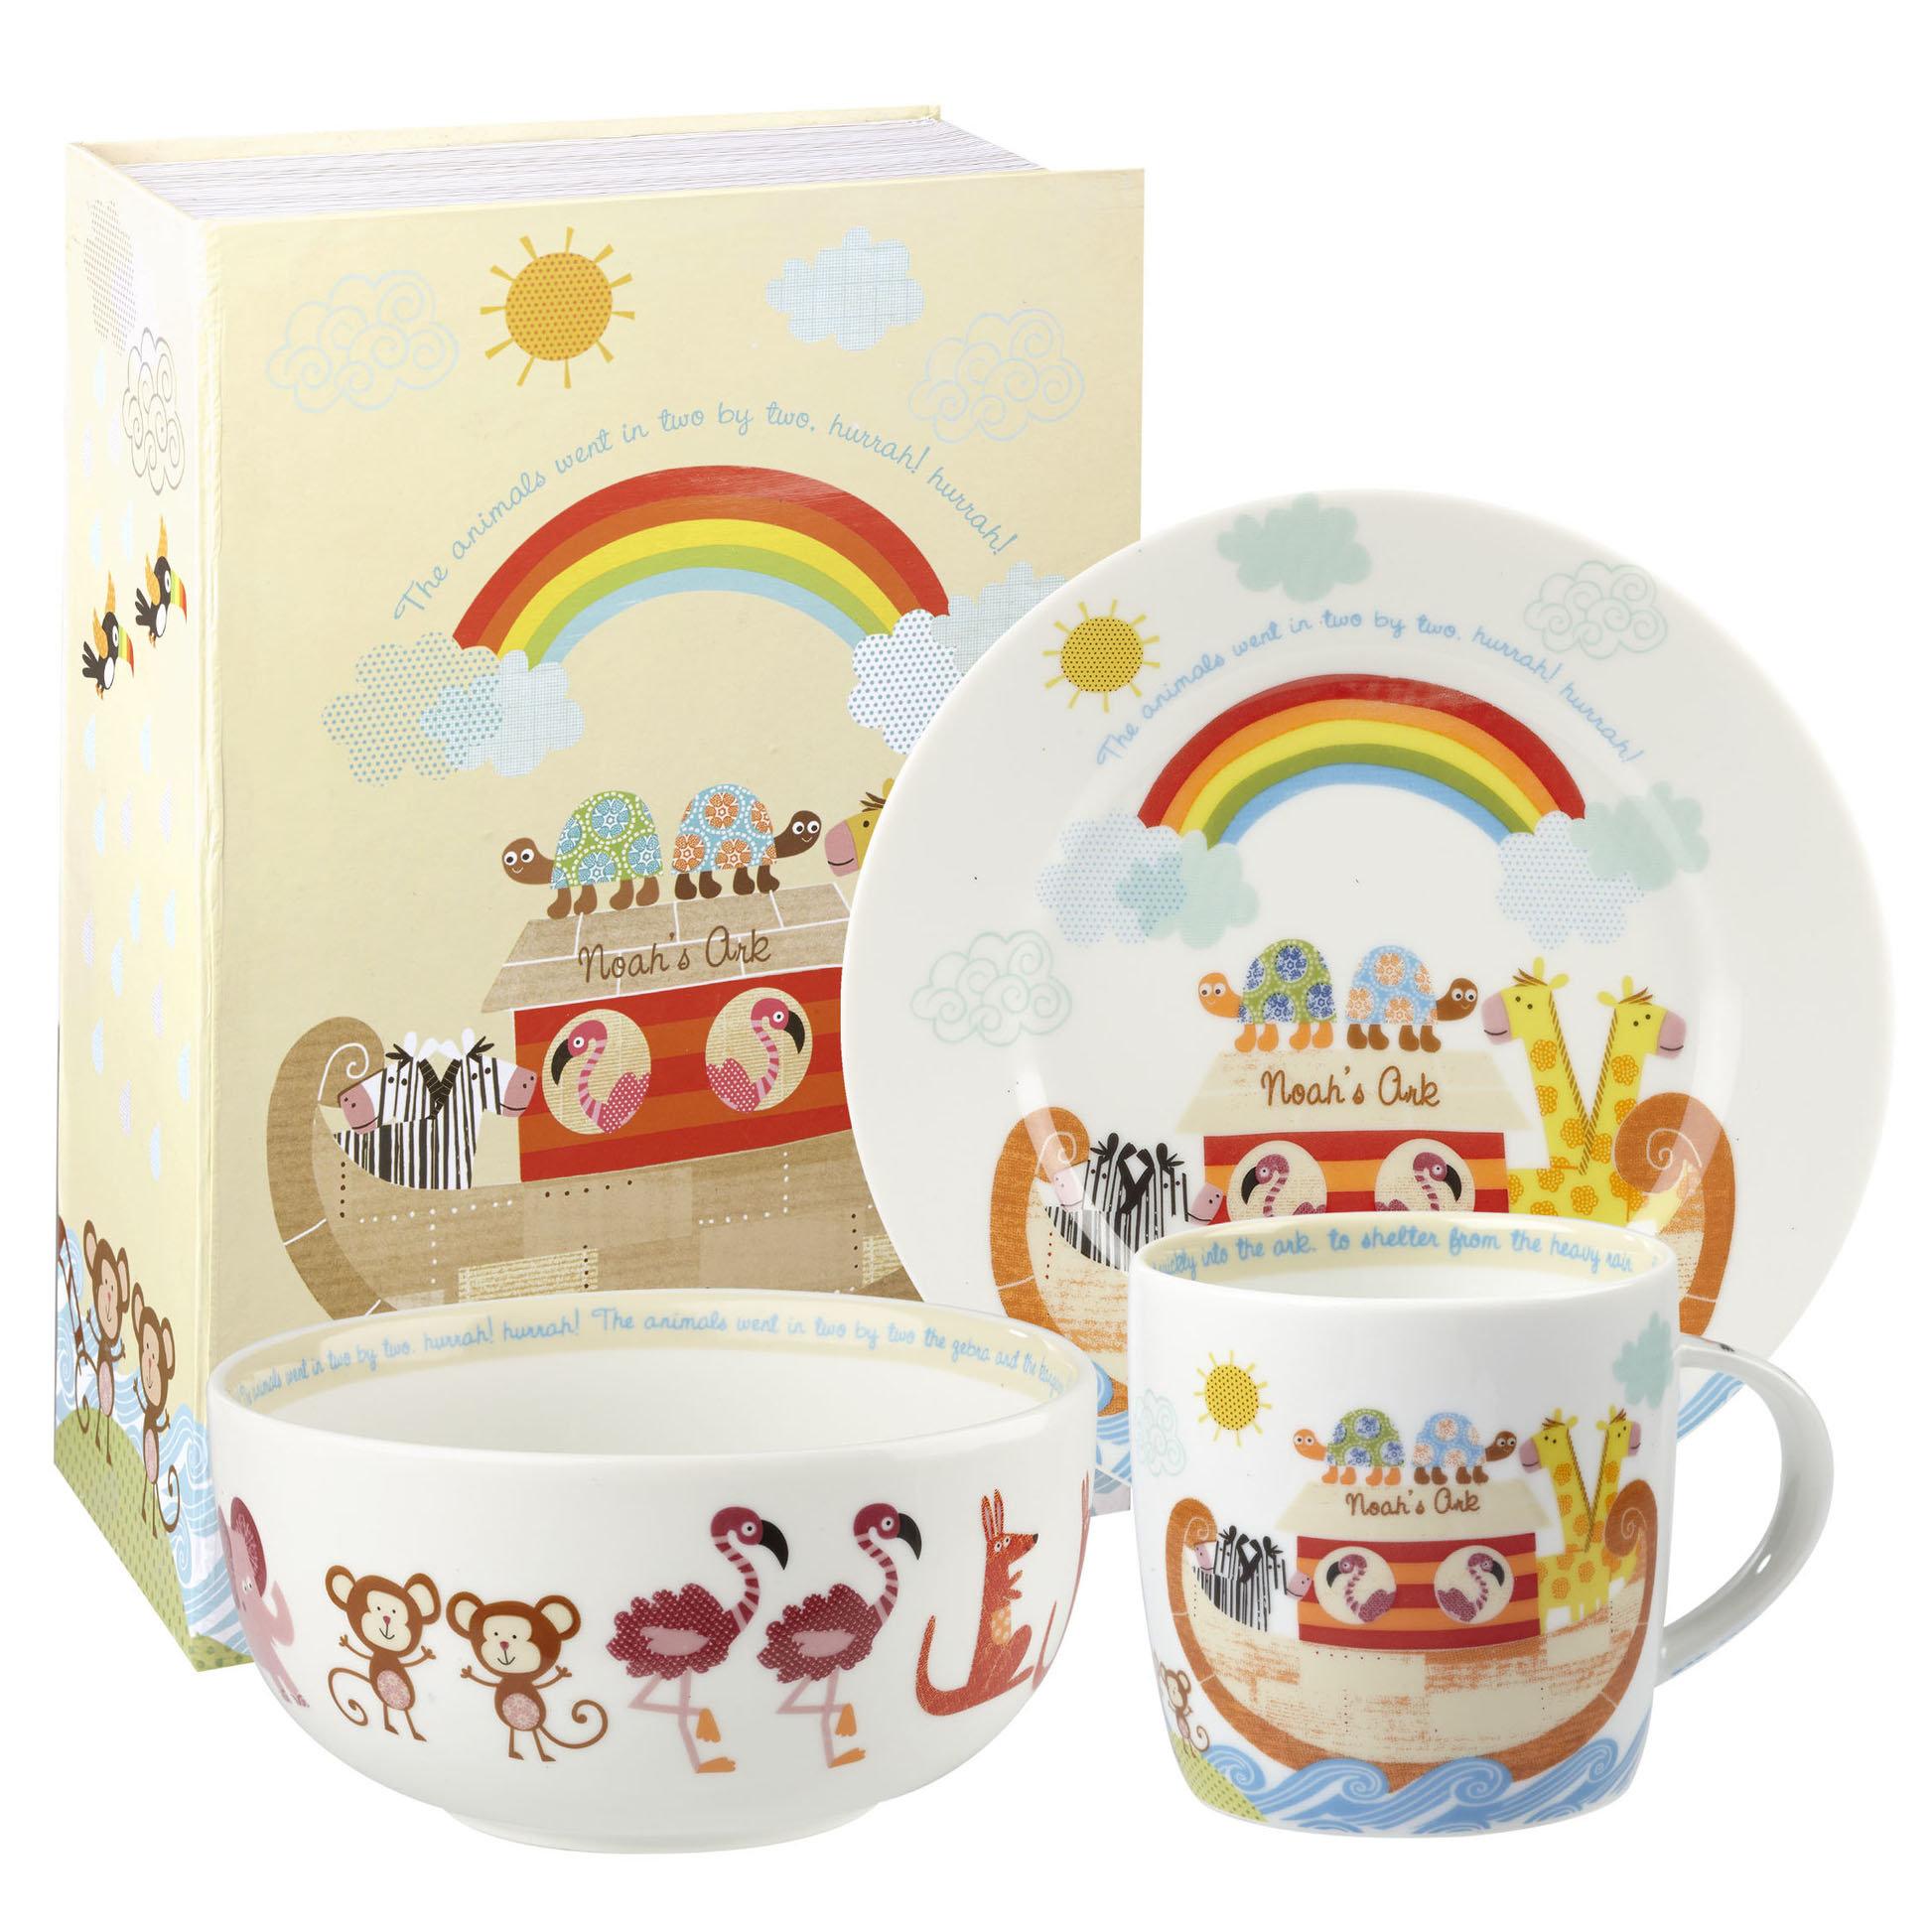 детская посуда Churchill Набор детской посуды Noah's Ark, 3 предмета, фарфор, декор